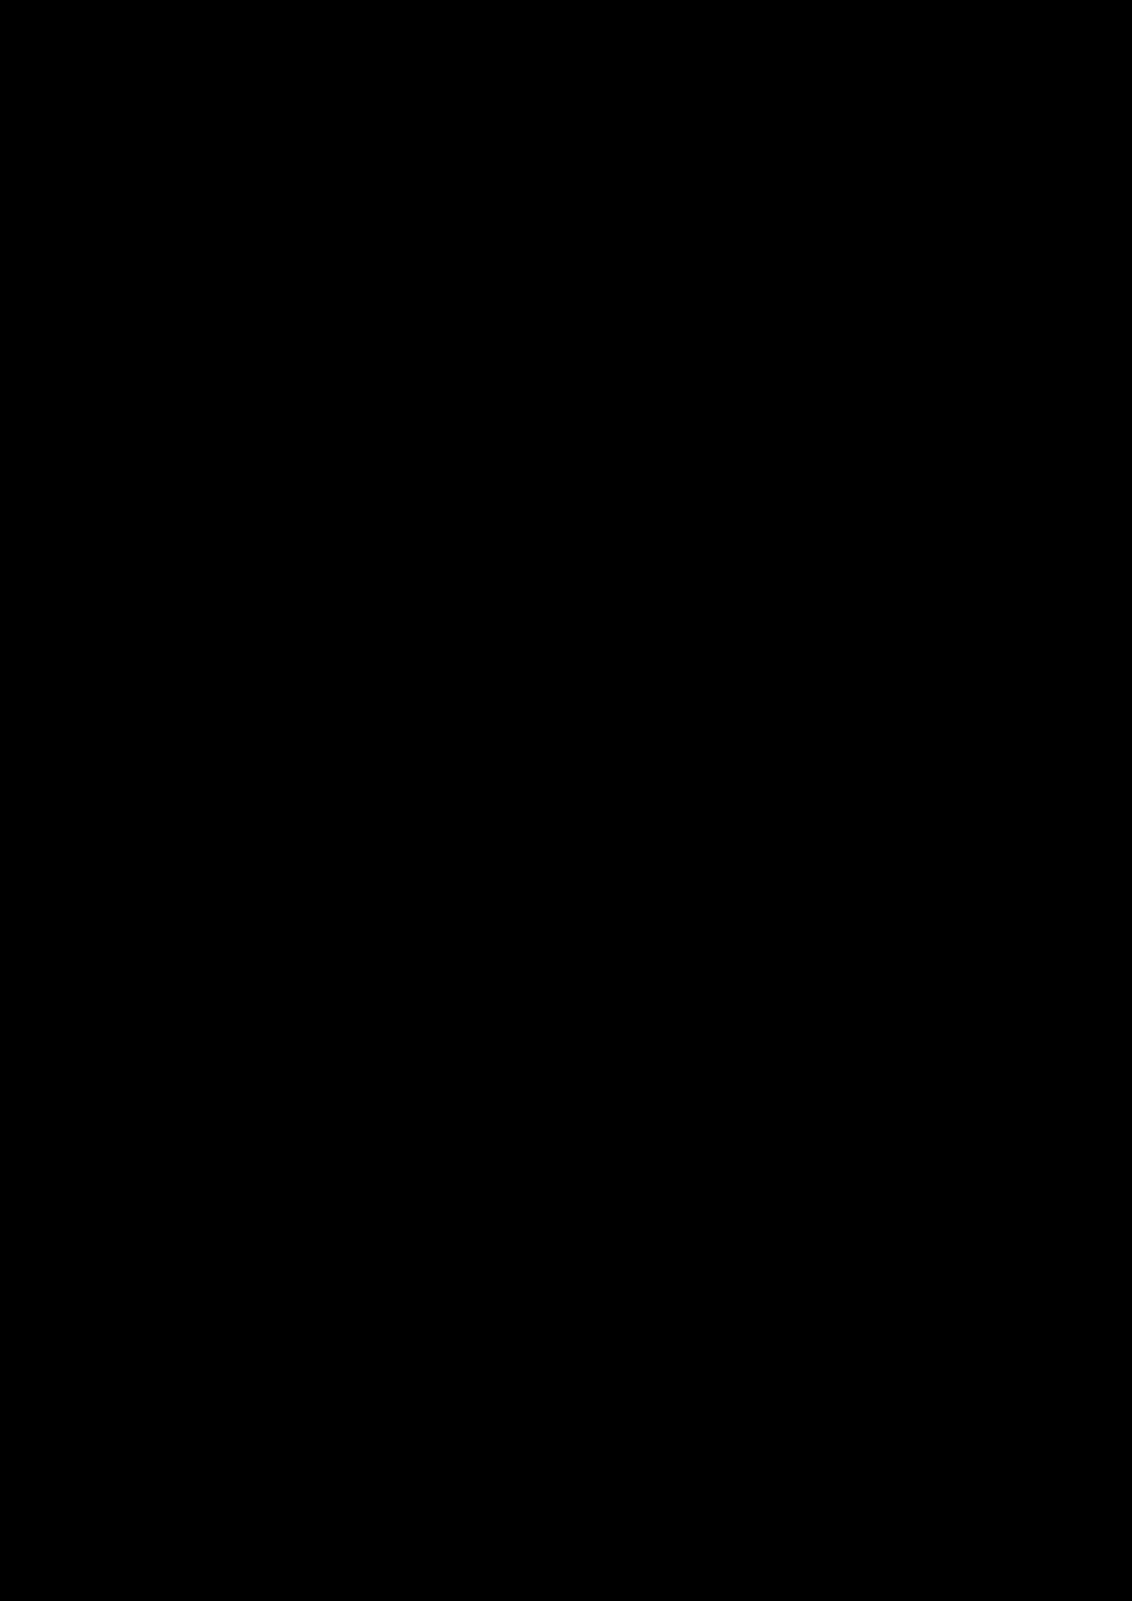 Proschanie s volshebnoy stranoy slide, Image 91